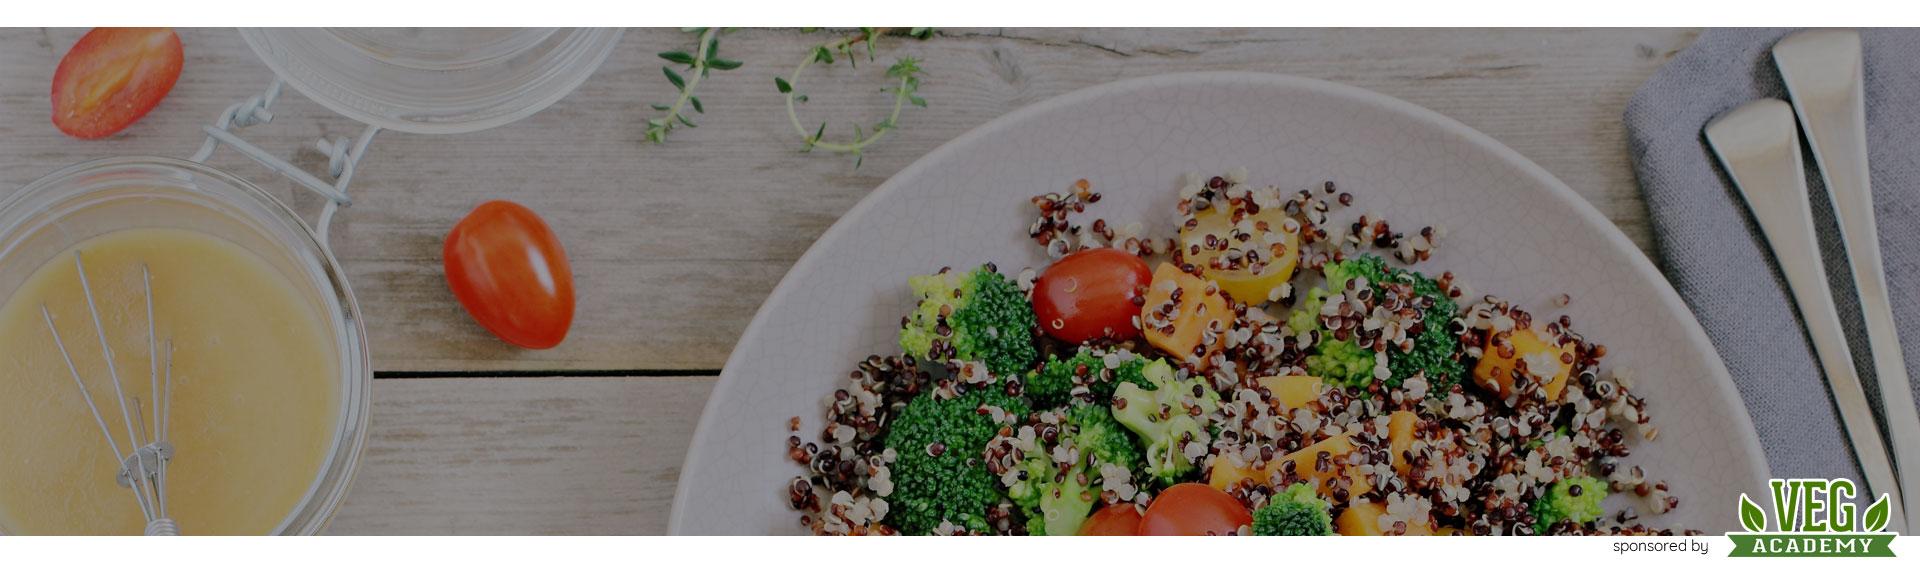 fort wayne vegan dining guide